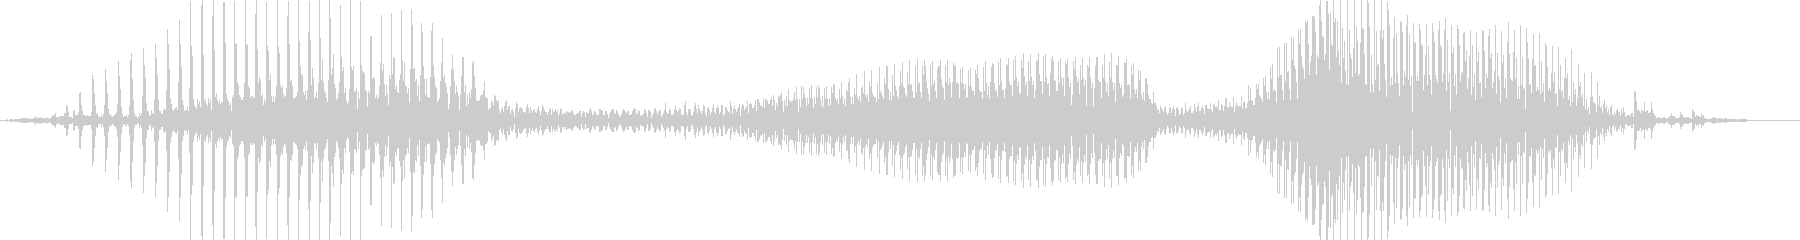 ハズレ!の未再生の波形